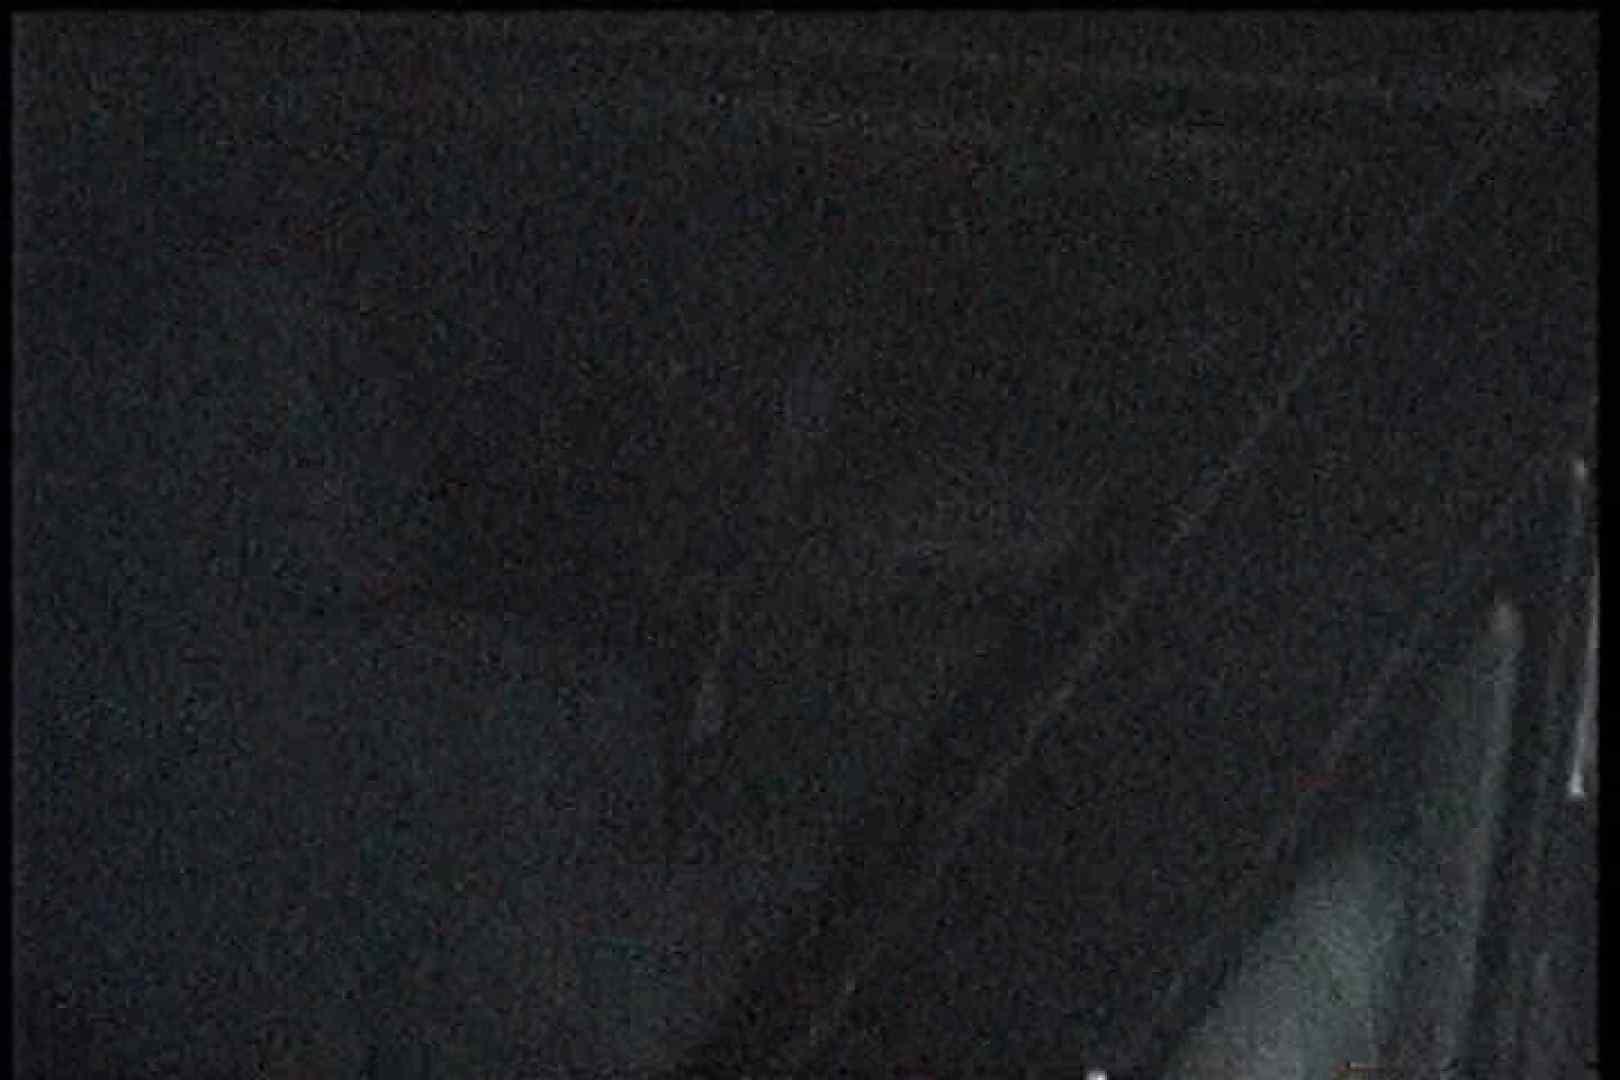 充血監督の深夜の運動会Vol.201 エッチなセックス   エロティックなOL  62画像 35